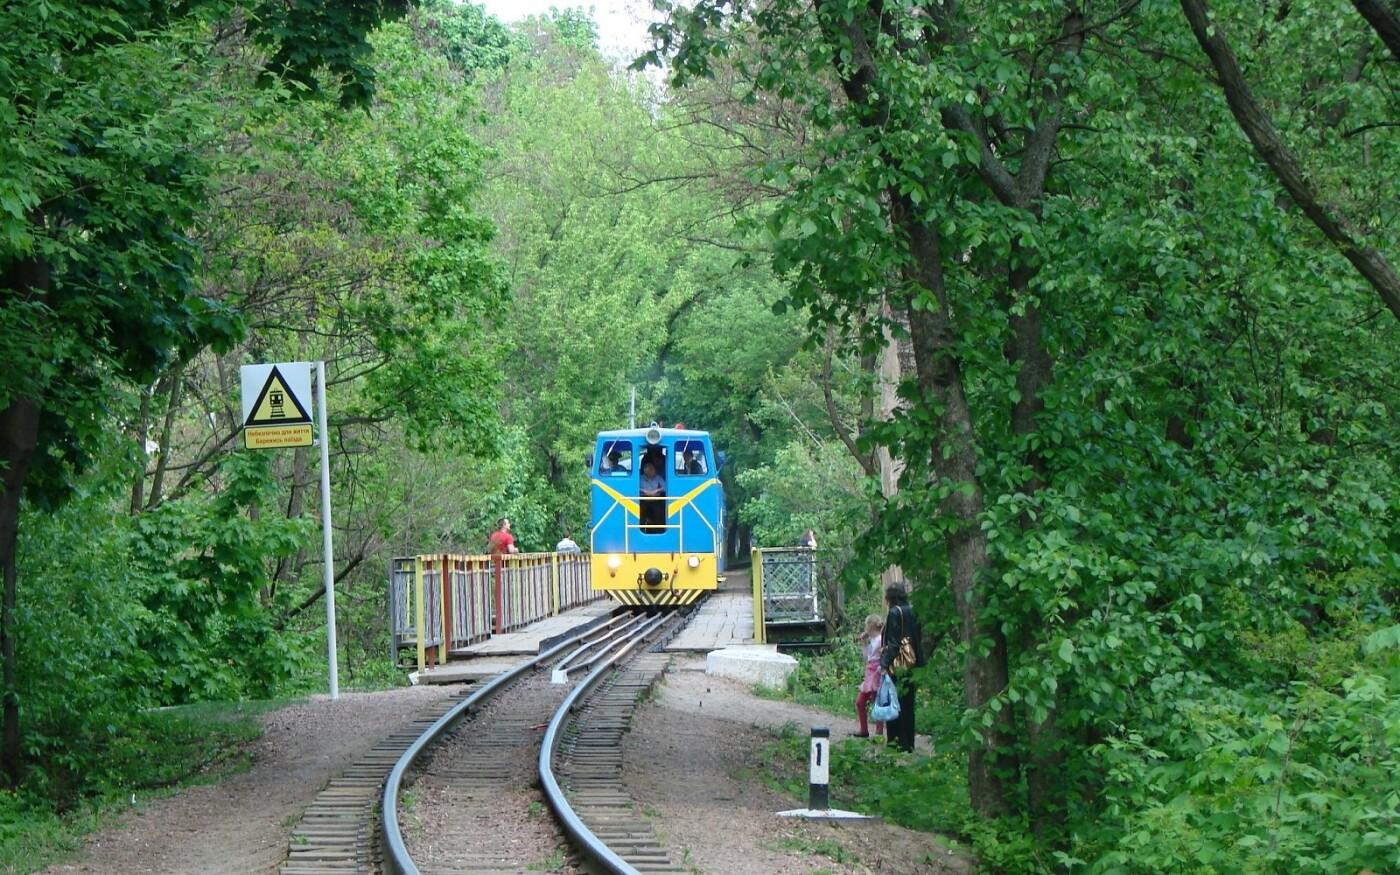 Настоящие поезда и мини-вокзал: детская железная дорога в Киеве, - ФОТО, ВИДЕО, Фото: Олександр Михайлик